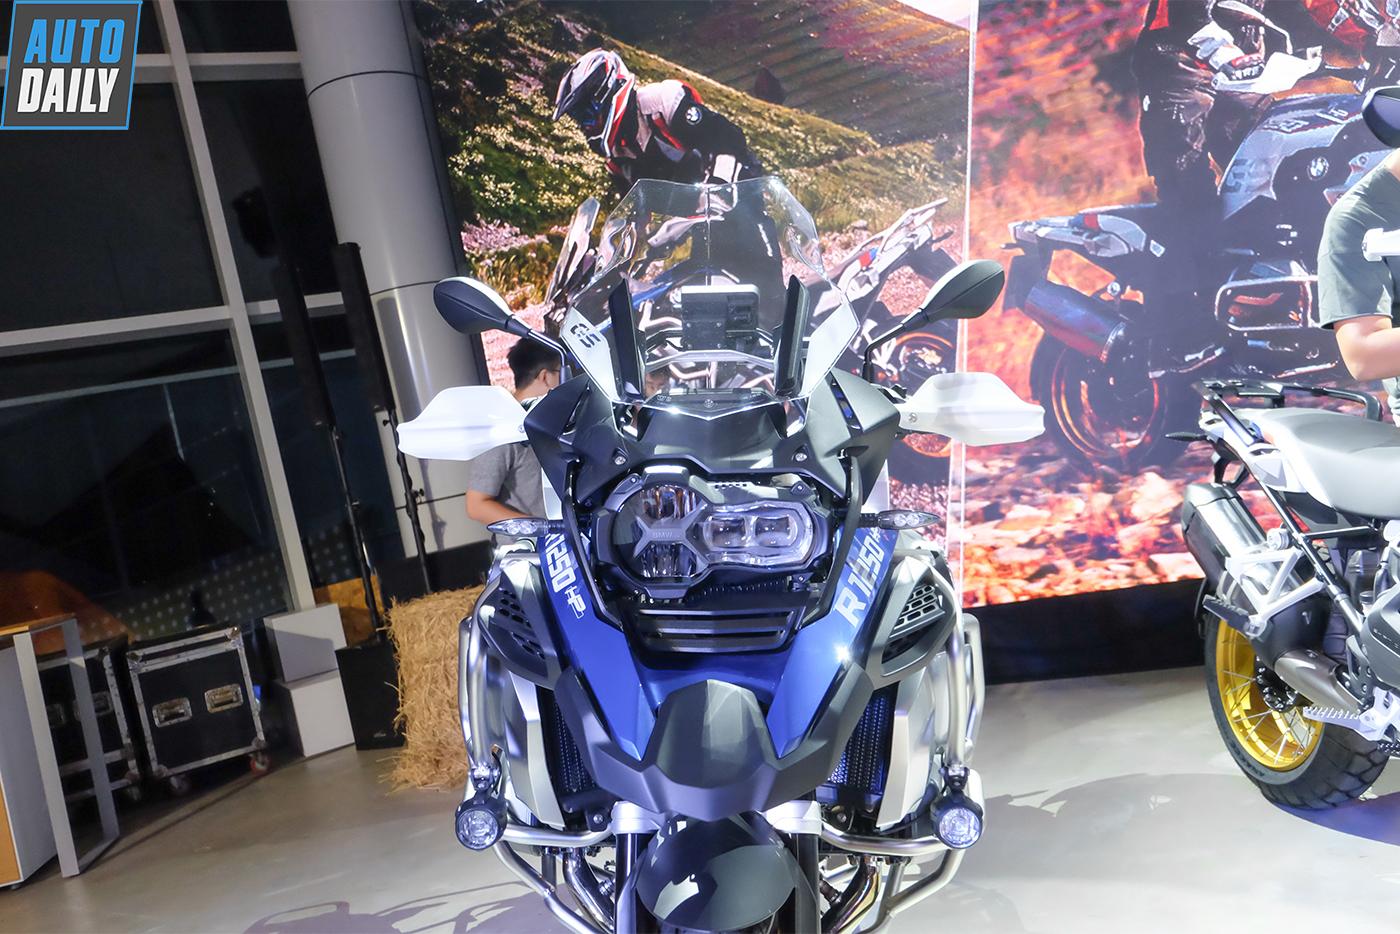 bmw-motorrad-r-1250-gsa-2019-1.jpg